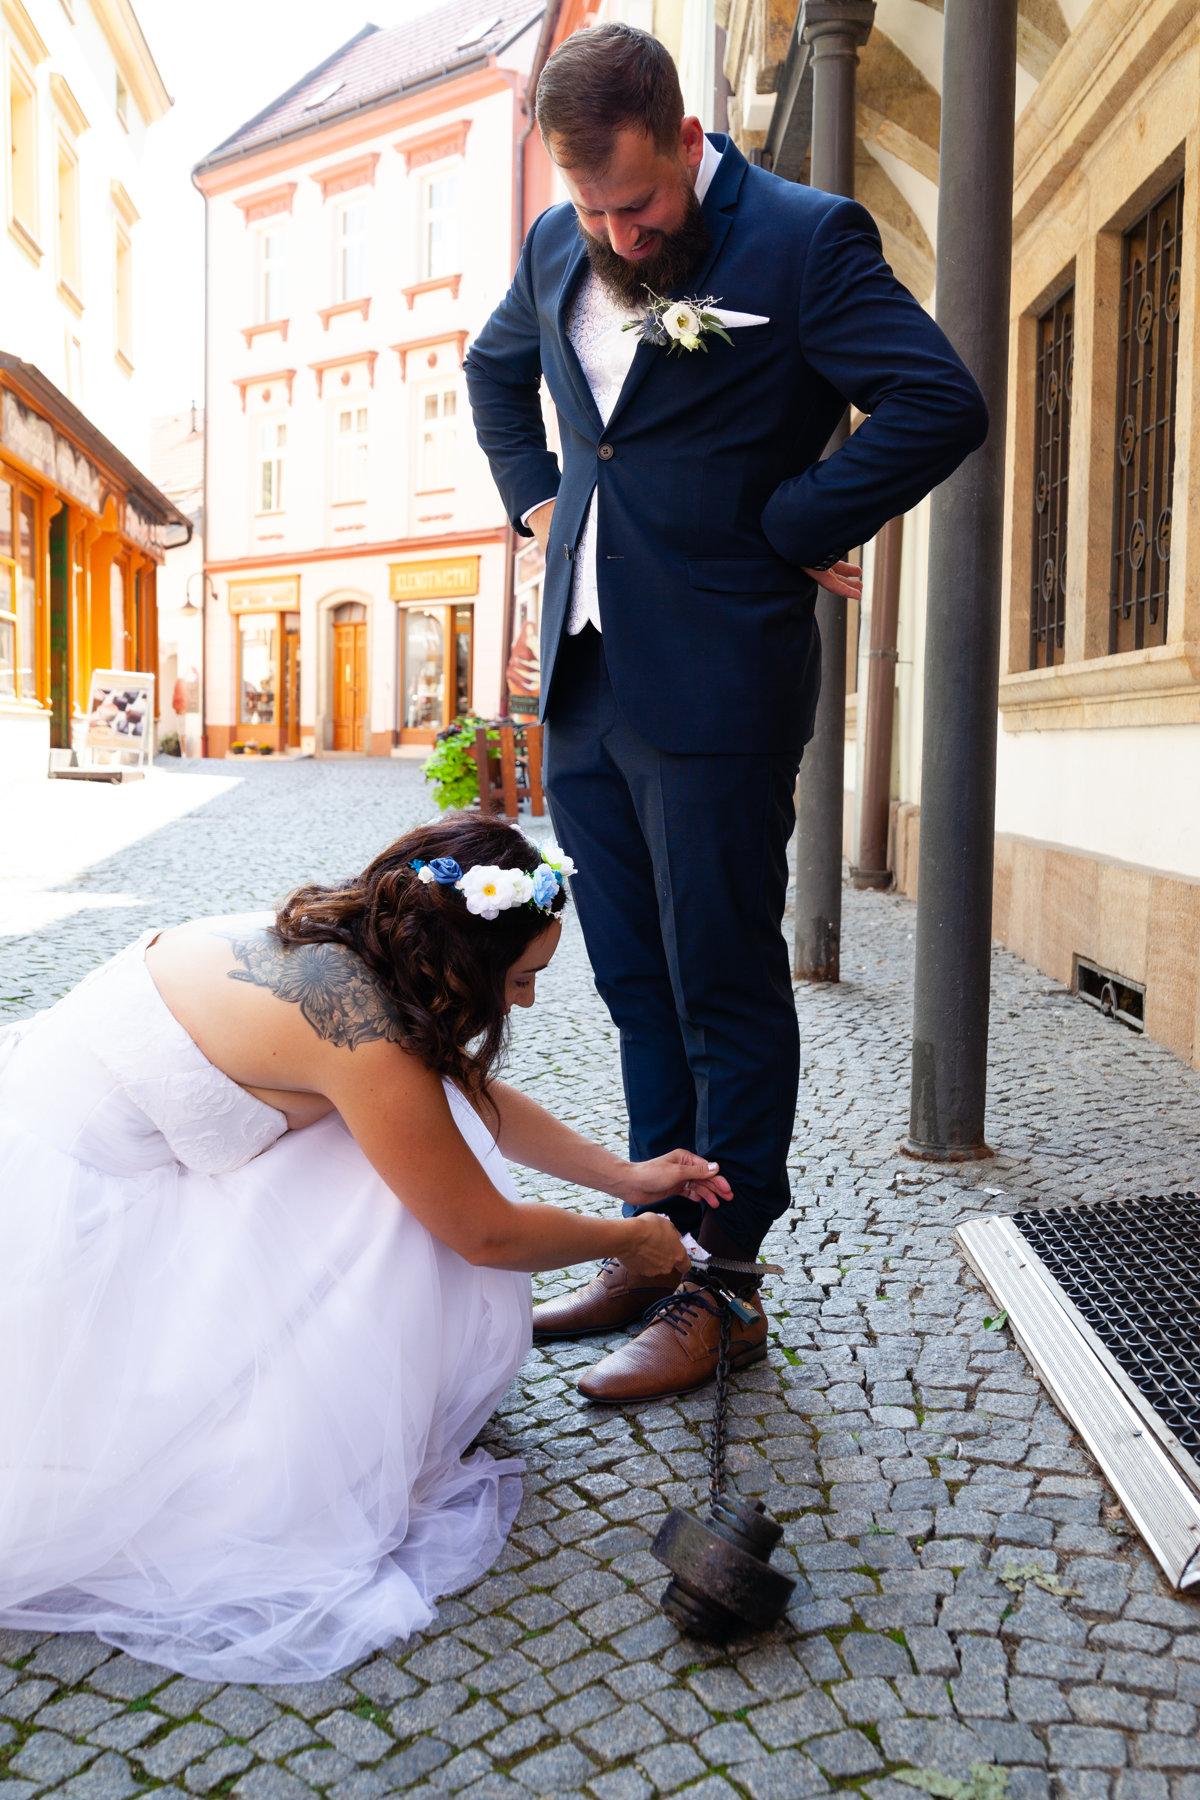 Nevěsta se snaží ženichovi odstranit kouli na noze